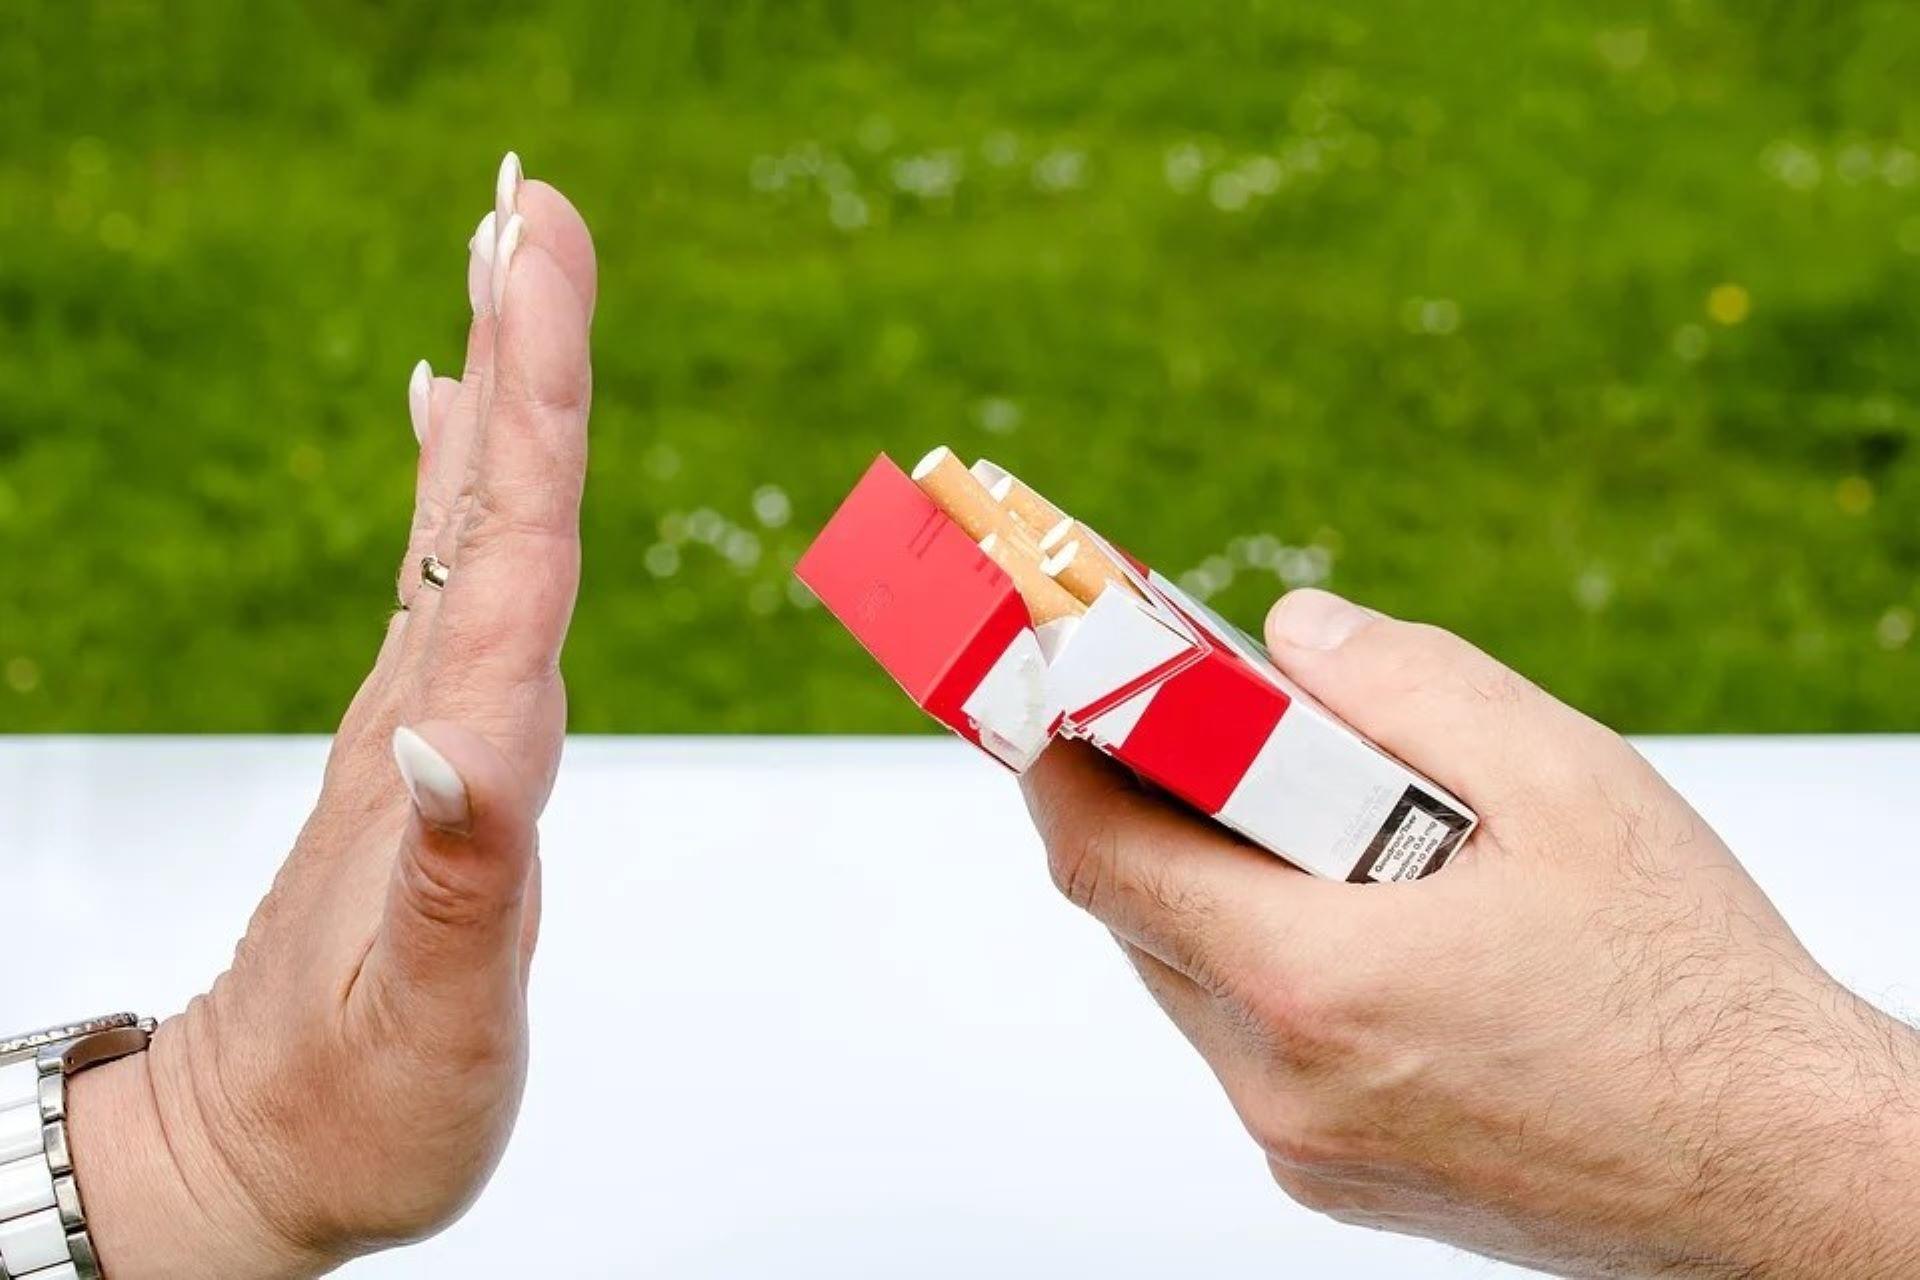 Naisen käsi on torjuvasti pystyssä miehen käden tarjoamaa tupakka-askia kohden.